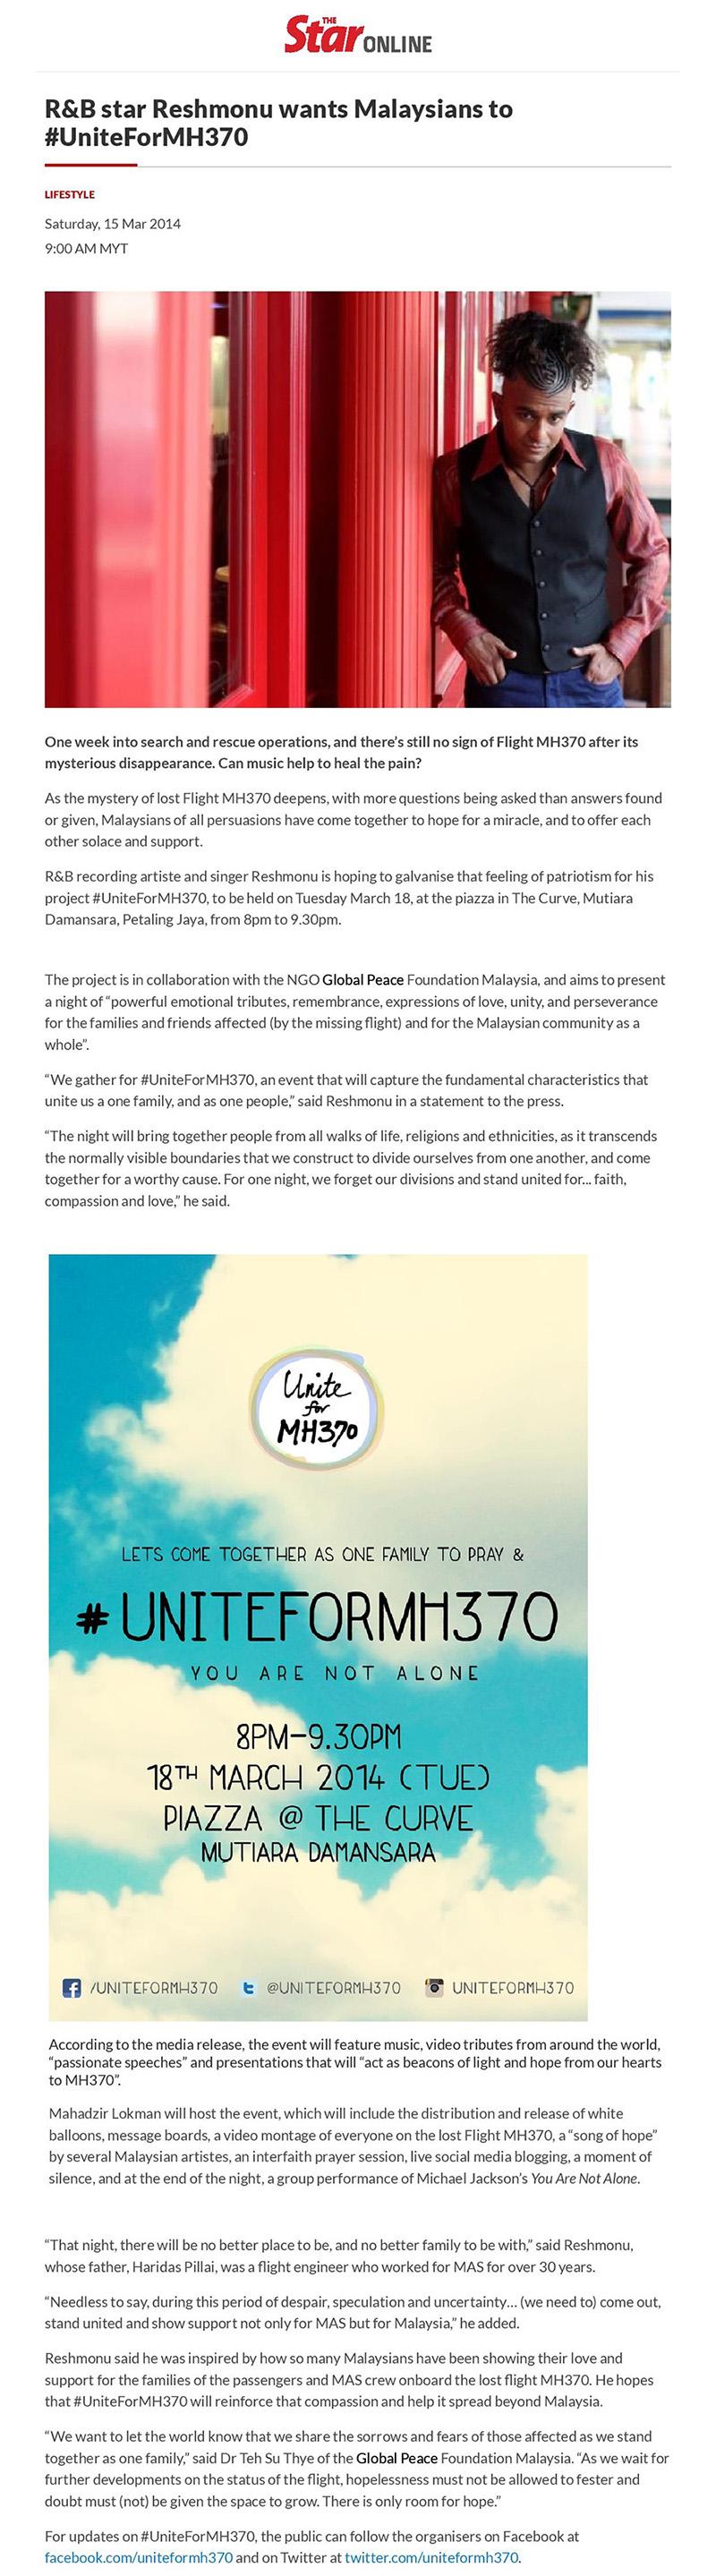 Unite for MH370